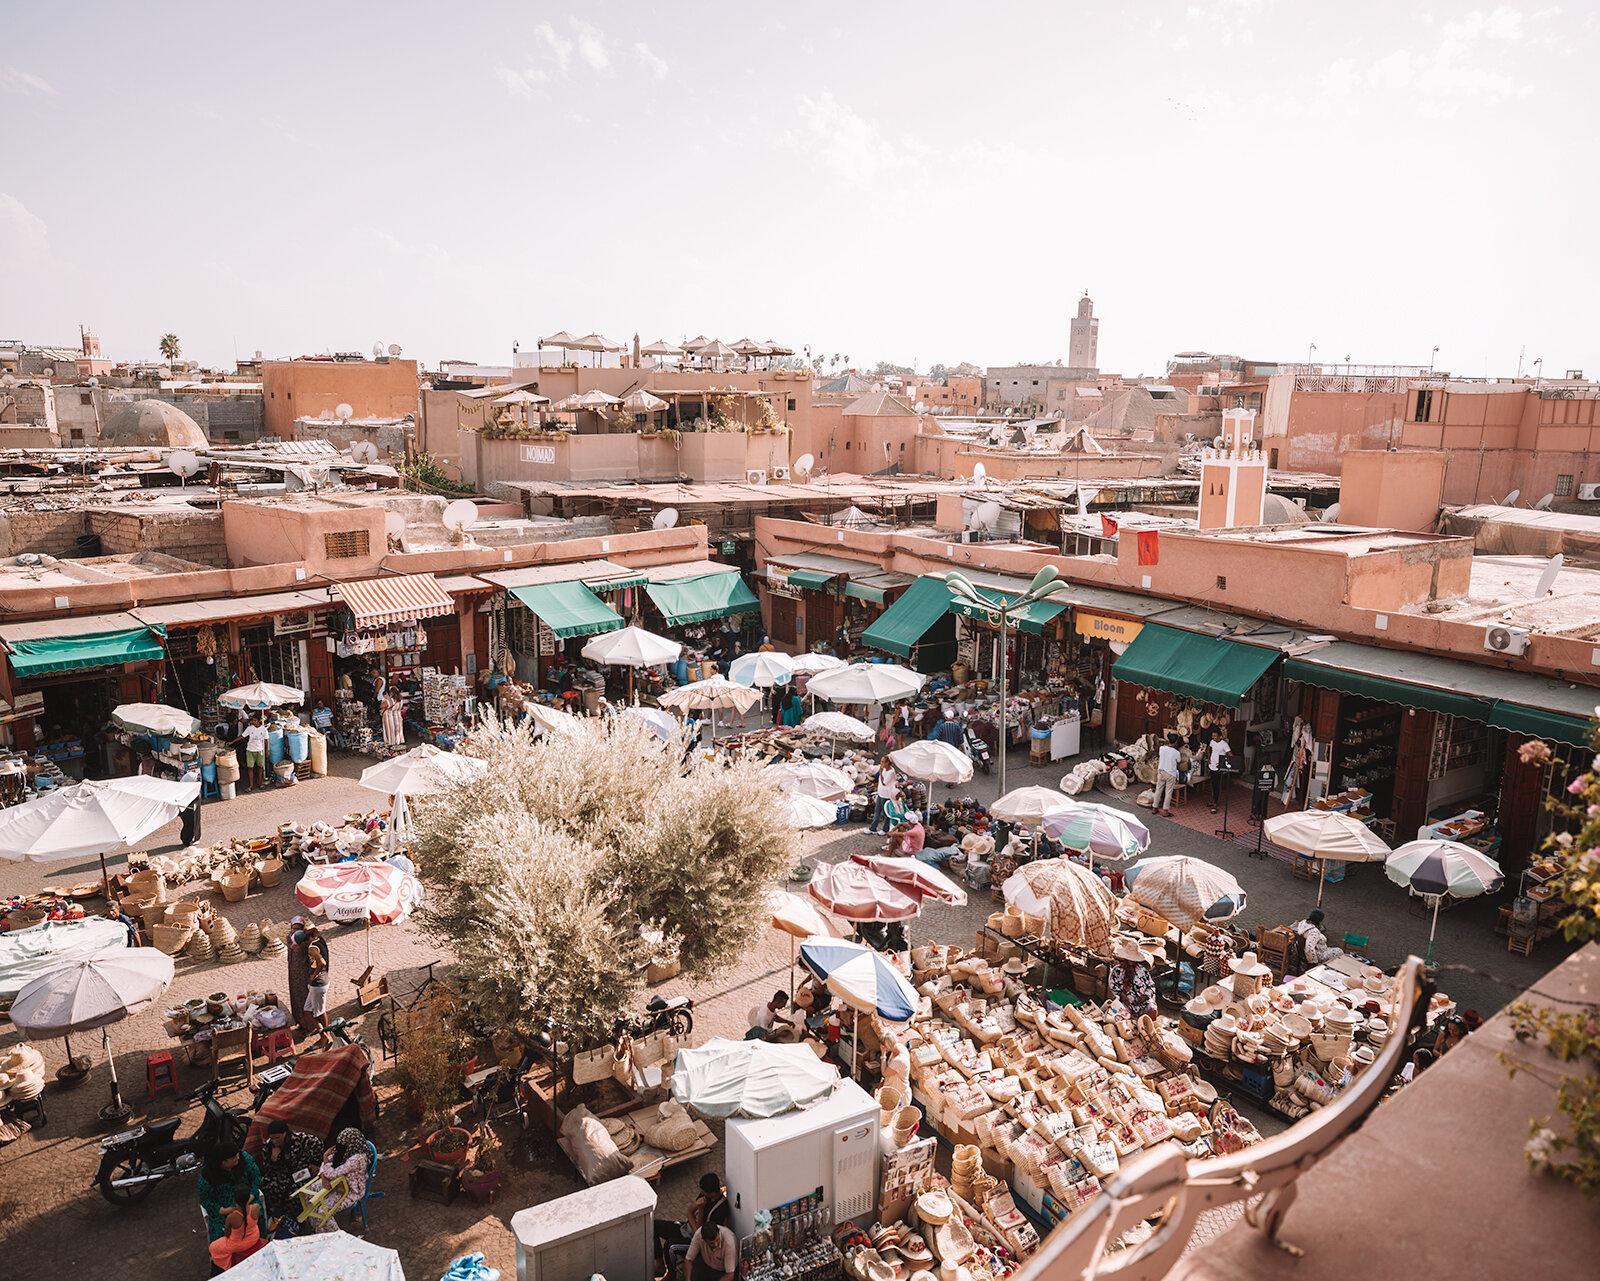 marrakech place des epices essential travel guide souks best places to go morocco